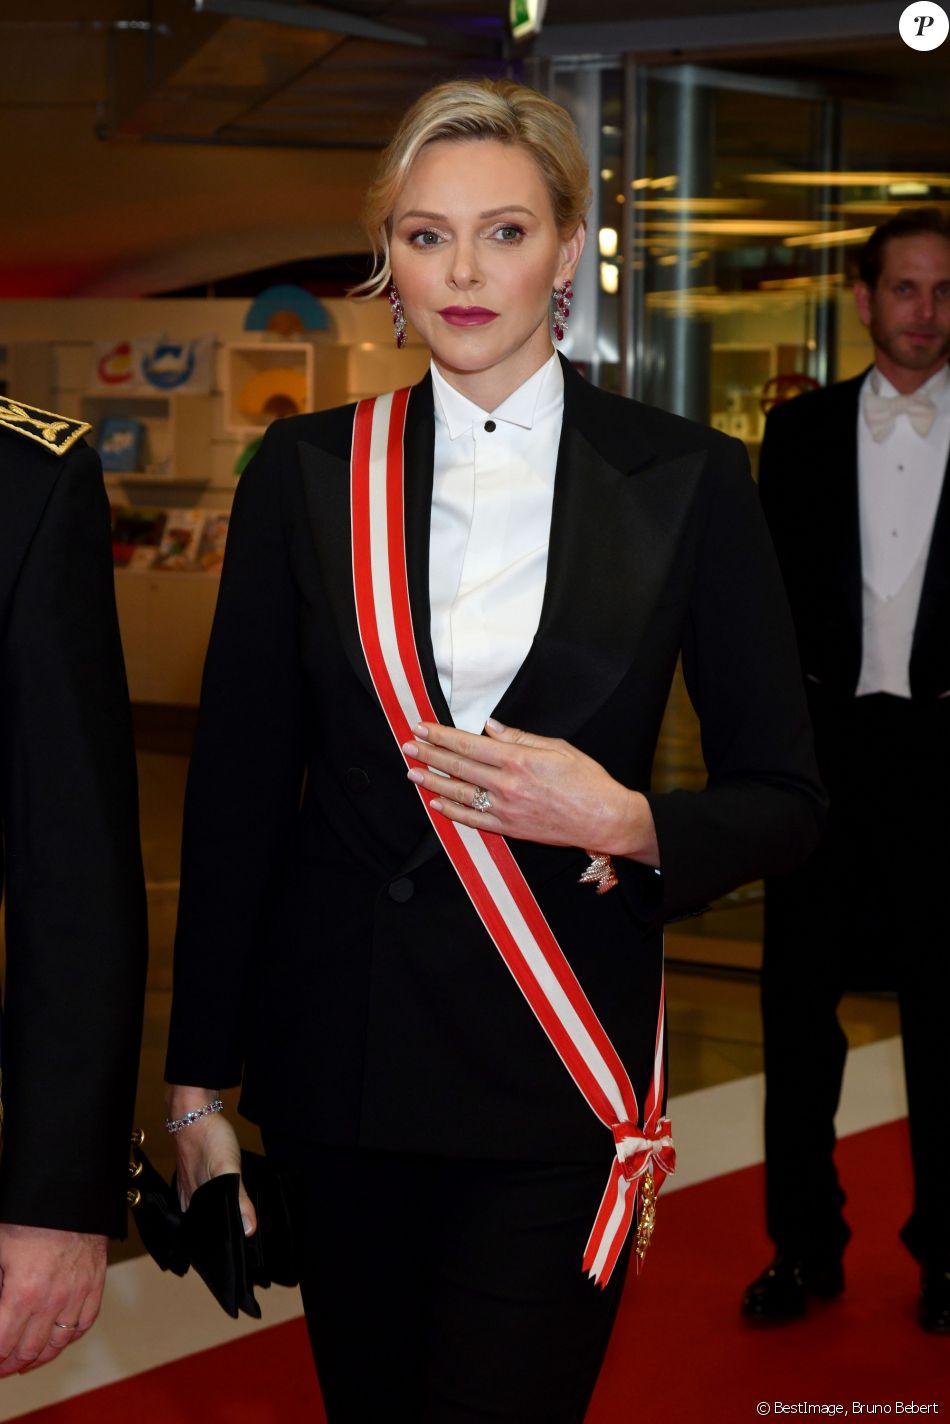 La princesse Charlène de Monaco - Arrivées à la soirée de gala à l'occasion de la fête nationale monégasque au Grimaldi Forum à Monaco le 19 novembre 2019. Cette année, c'est le l'opéra Lucia di Lammermoor qui est joué sur la scène de la salle des Princes. © Bruno Bebert / Pool Monaco / Bestimage